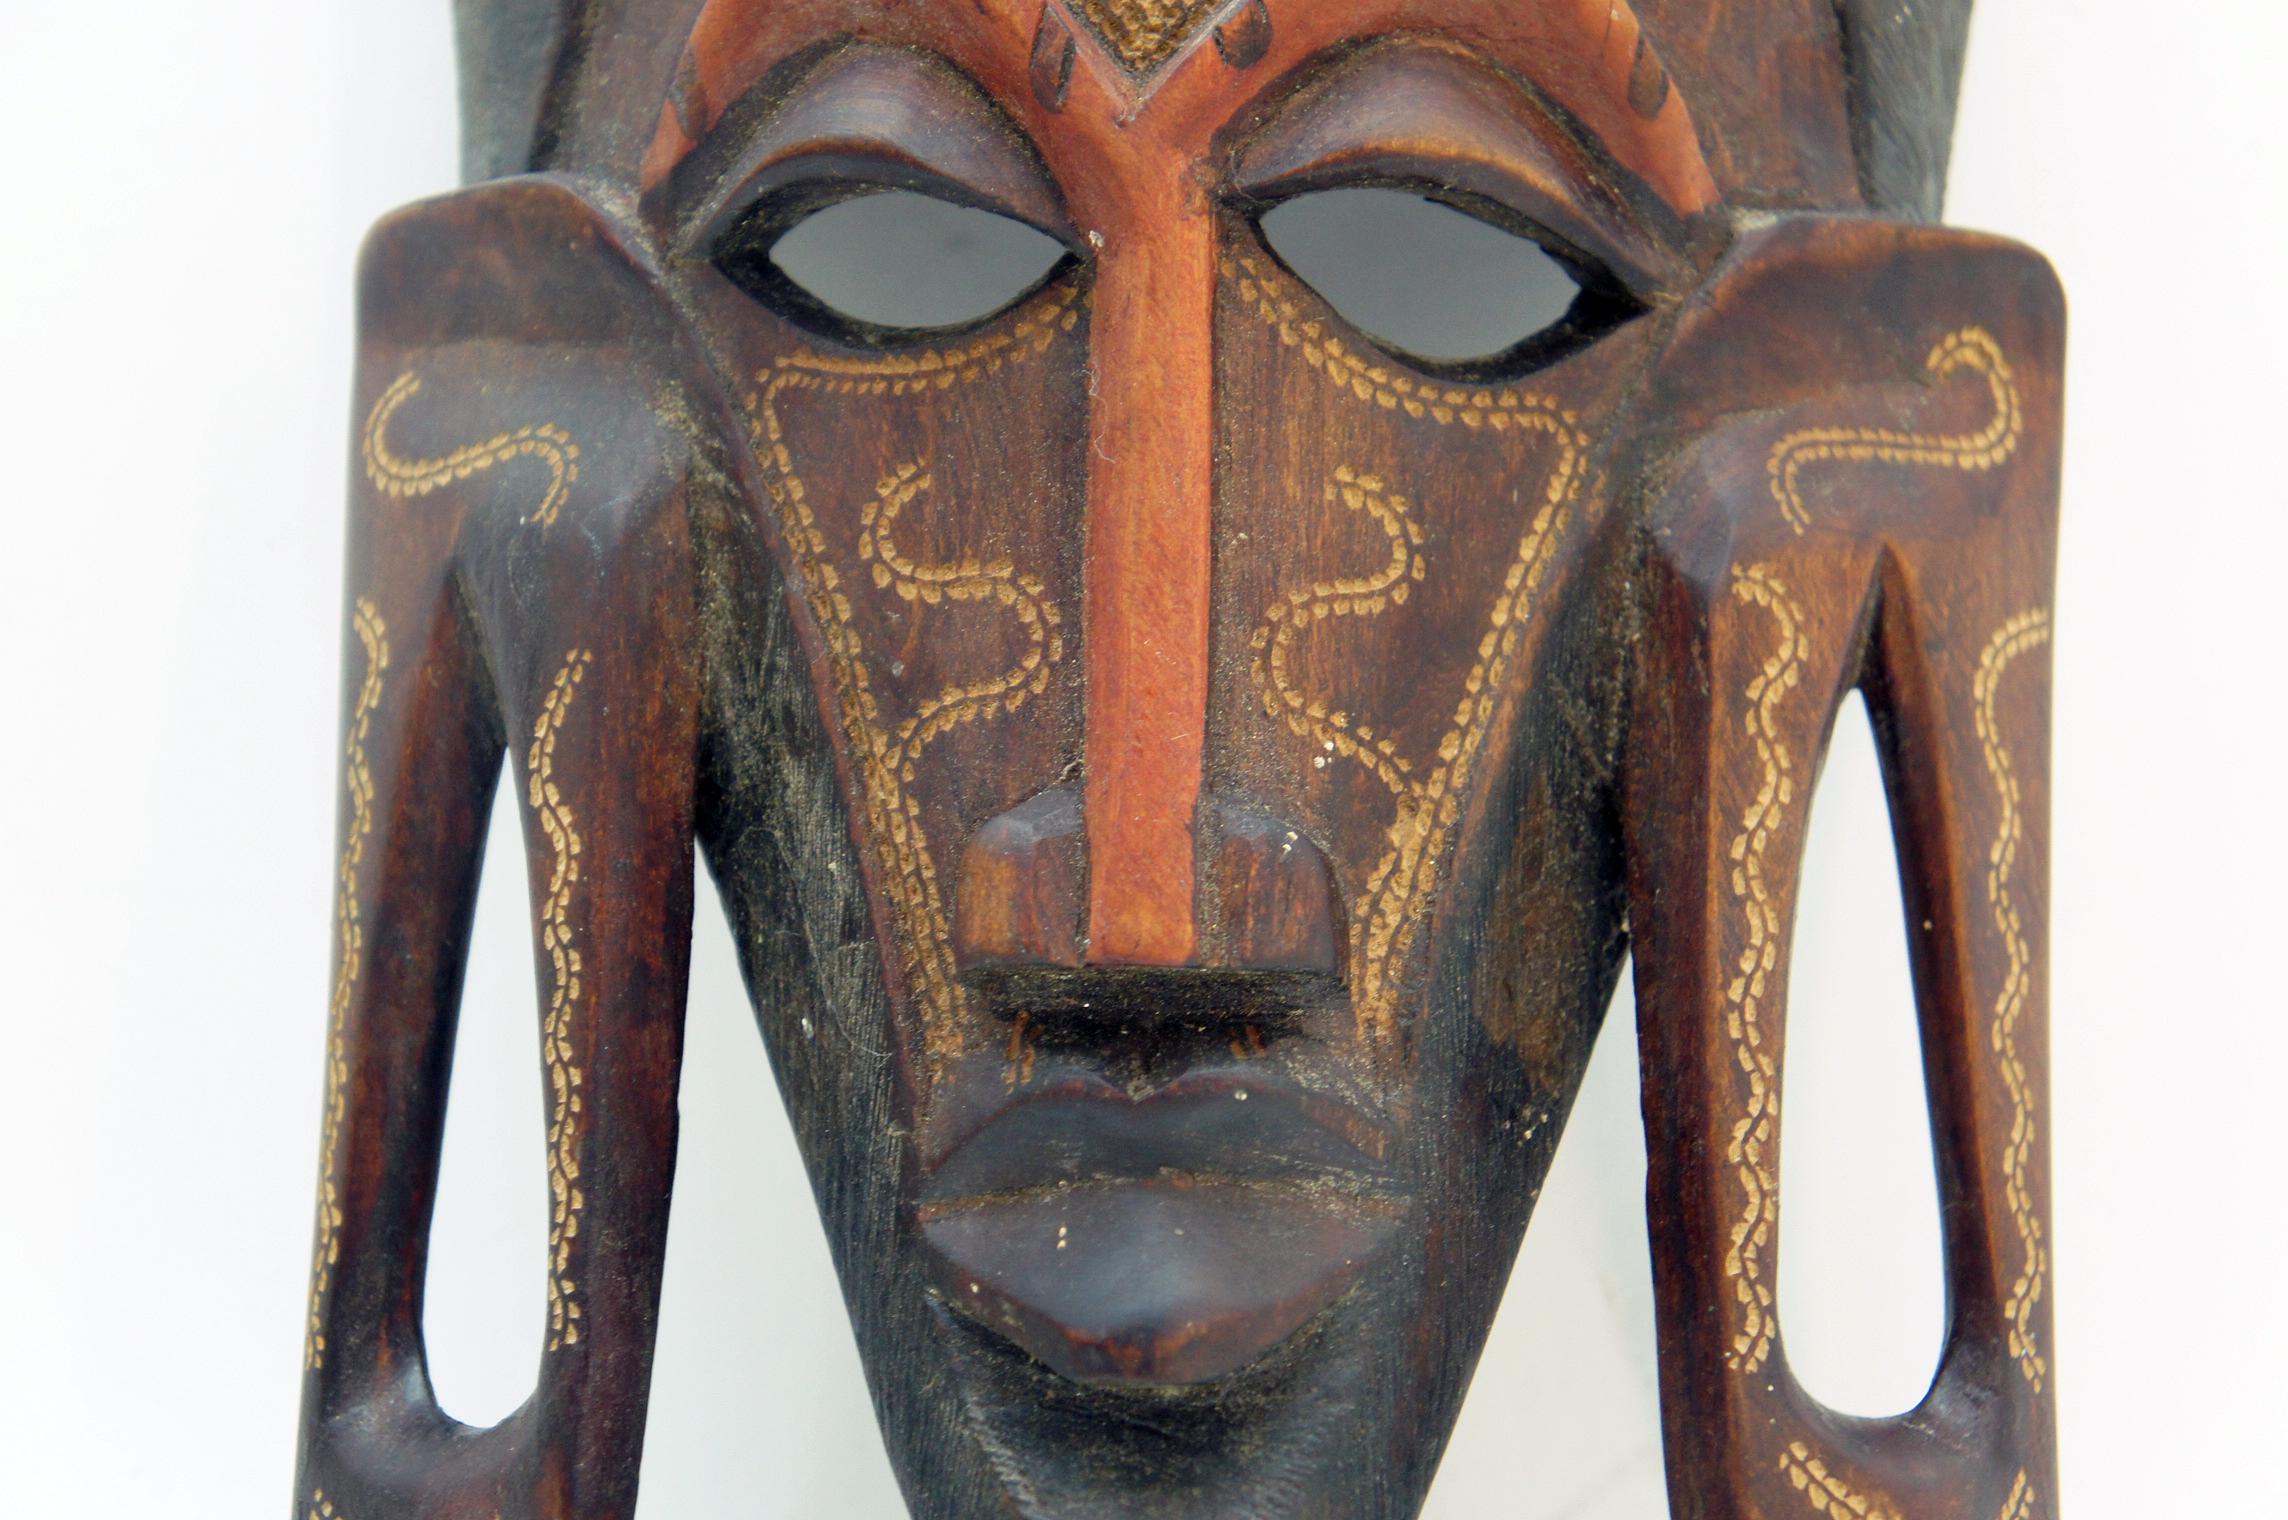 afrika afrikanische holz maske ebay. Black Bedroom Furniture Sets. Home Design Ideas